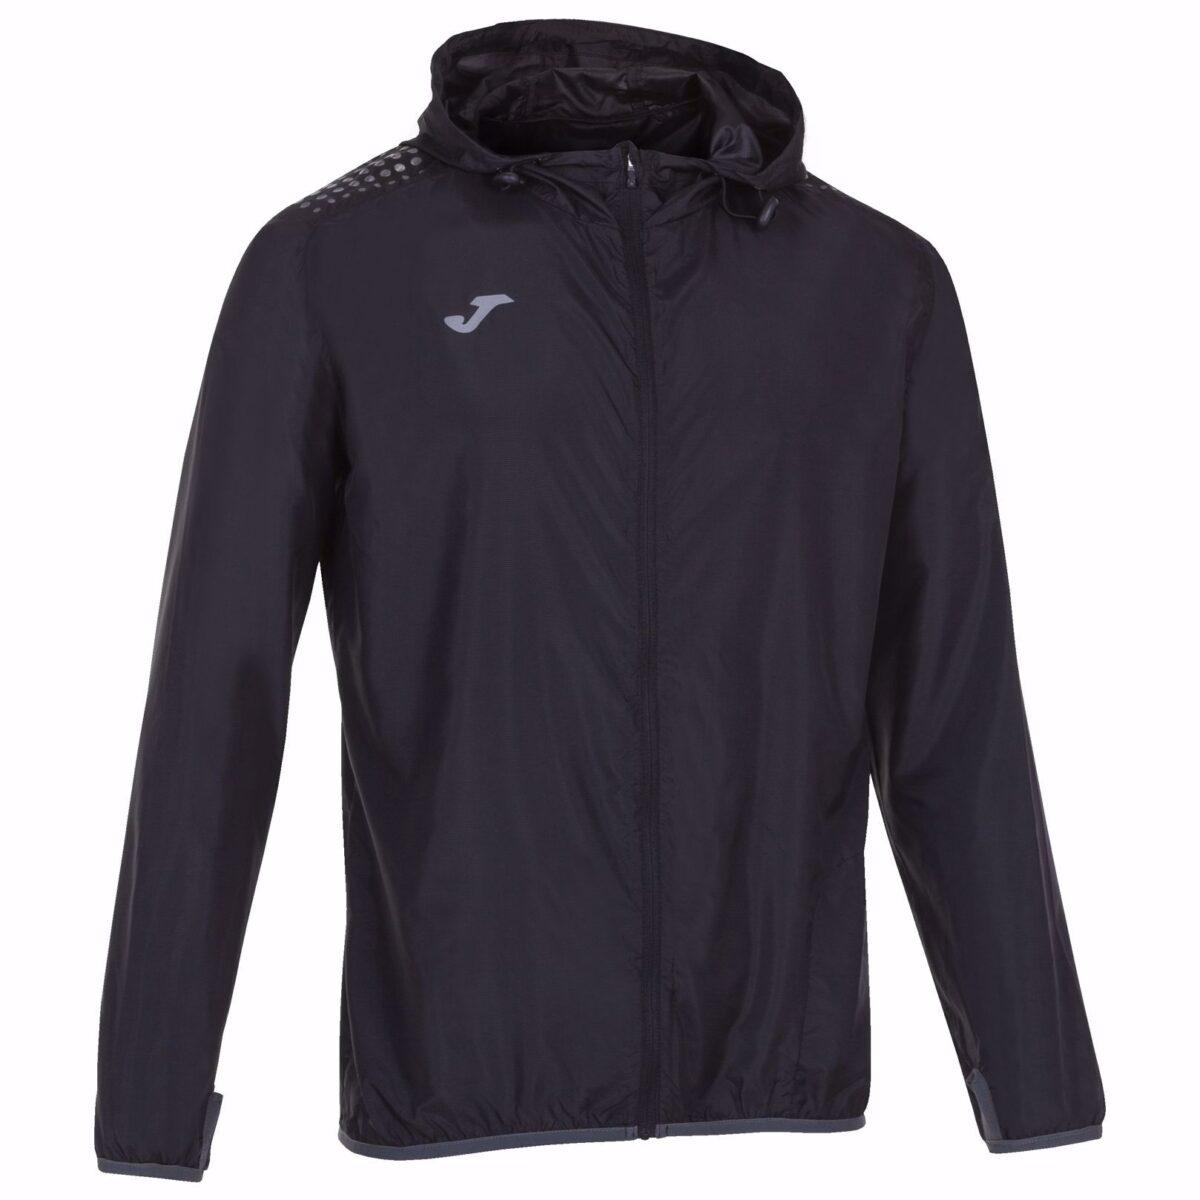 Joma Raco Rain Windbreaker Jacket - Adult 101417.110